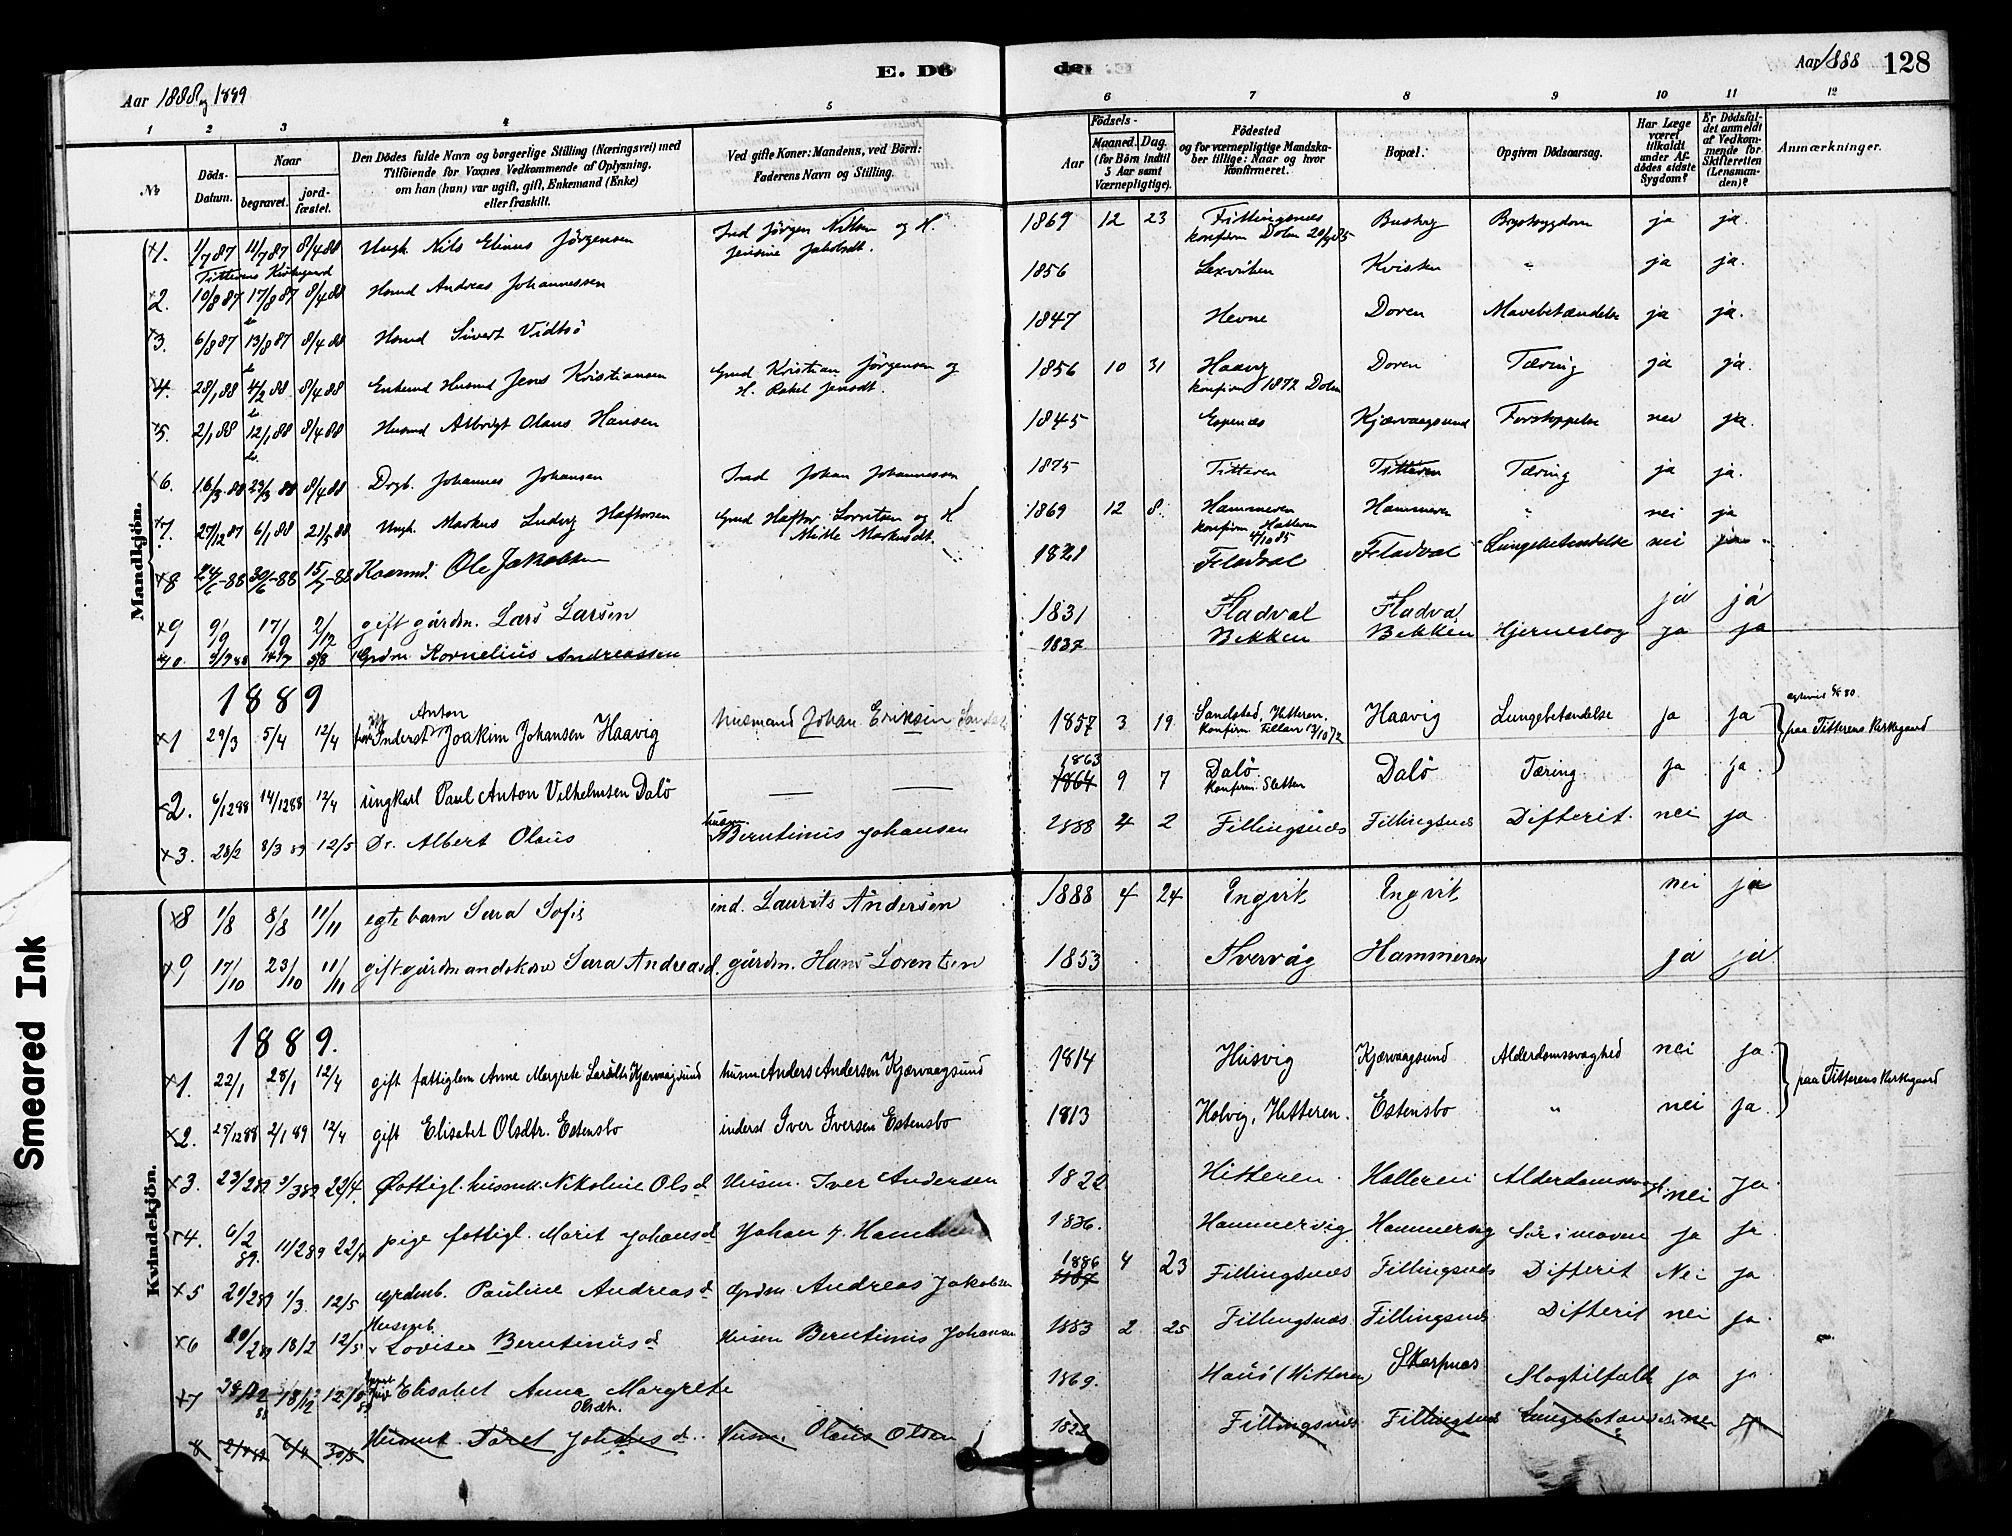 SAT, Ministerialprotokoller, klokkerbøker og fødselsregistre - Sør-Trøndelag, 641/L0595: Ministerialbok nr. 641A01, 1882-1897, s. 128